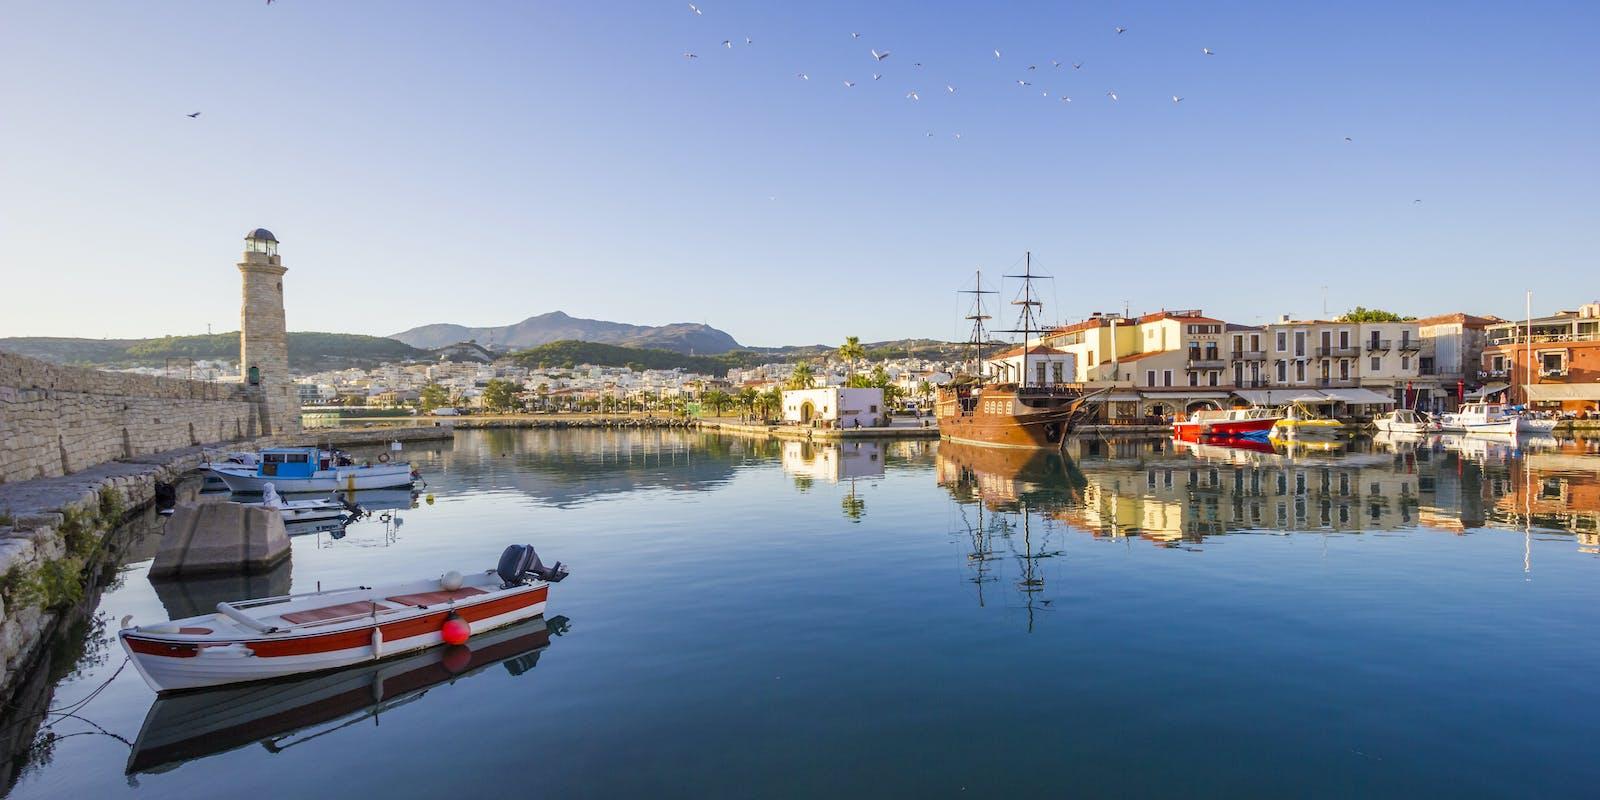 Hafen von Rethymno, Kreta | griechenland.de